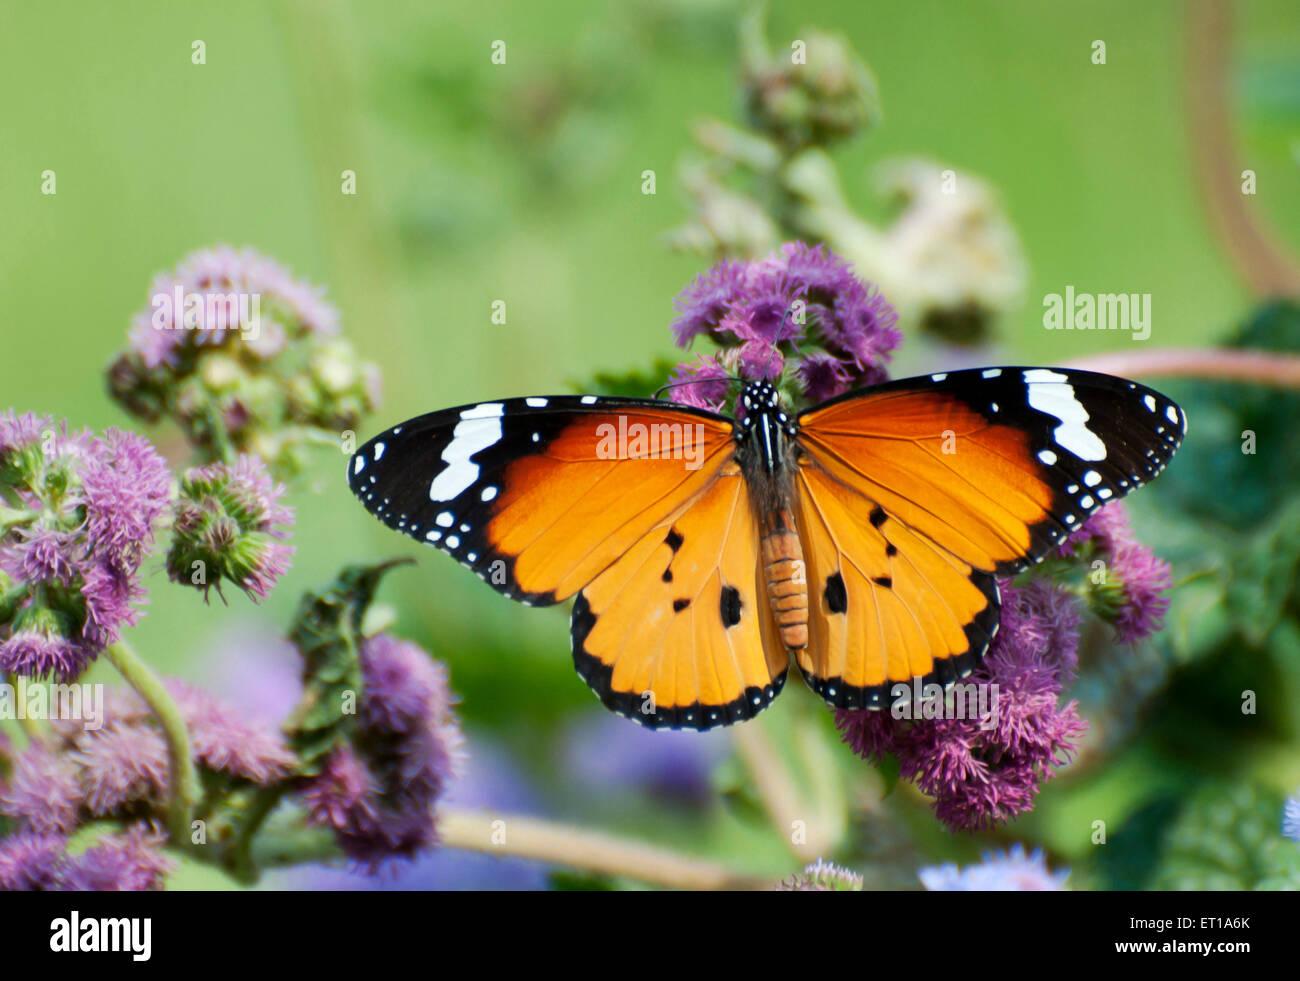 Jardín Botánico de Mariposas Danaus Chrysippus Howrah West Bengal India Asia Foto de stock